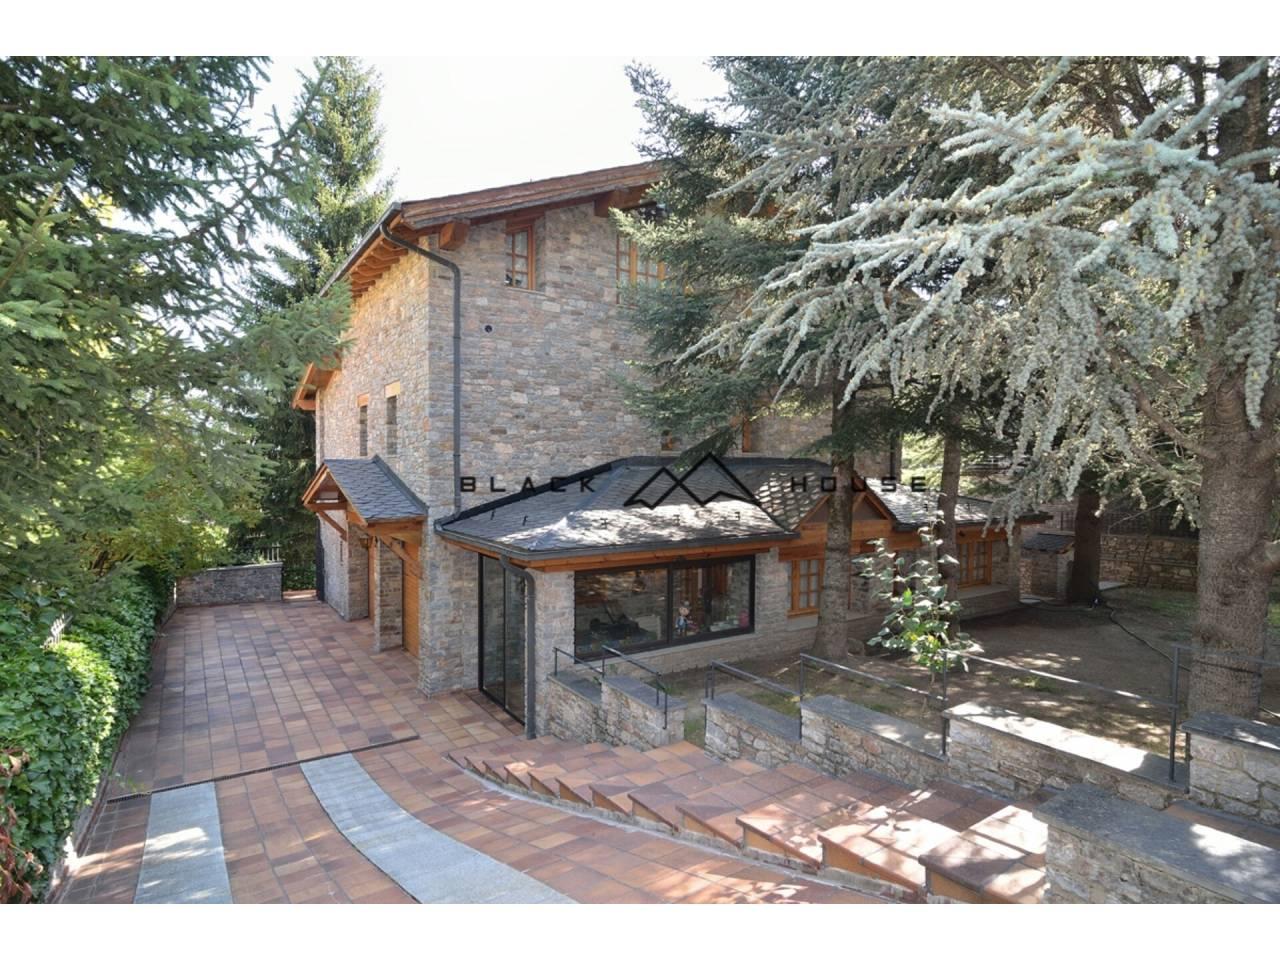 Casa independent de 7 habitacions en venda, situada en fabulosa zona residencial d'Escàs a La Massana.